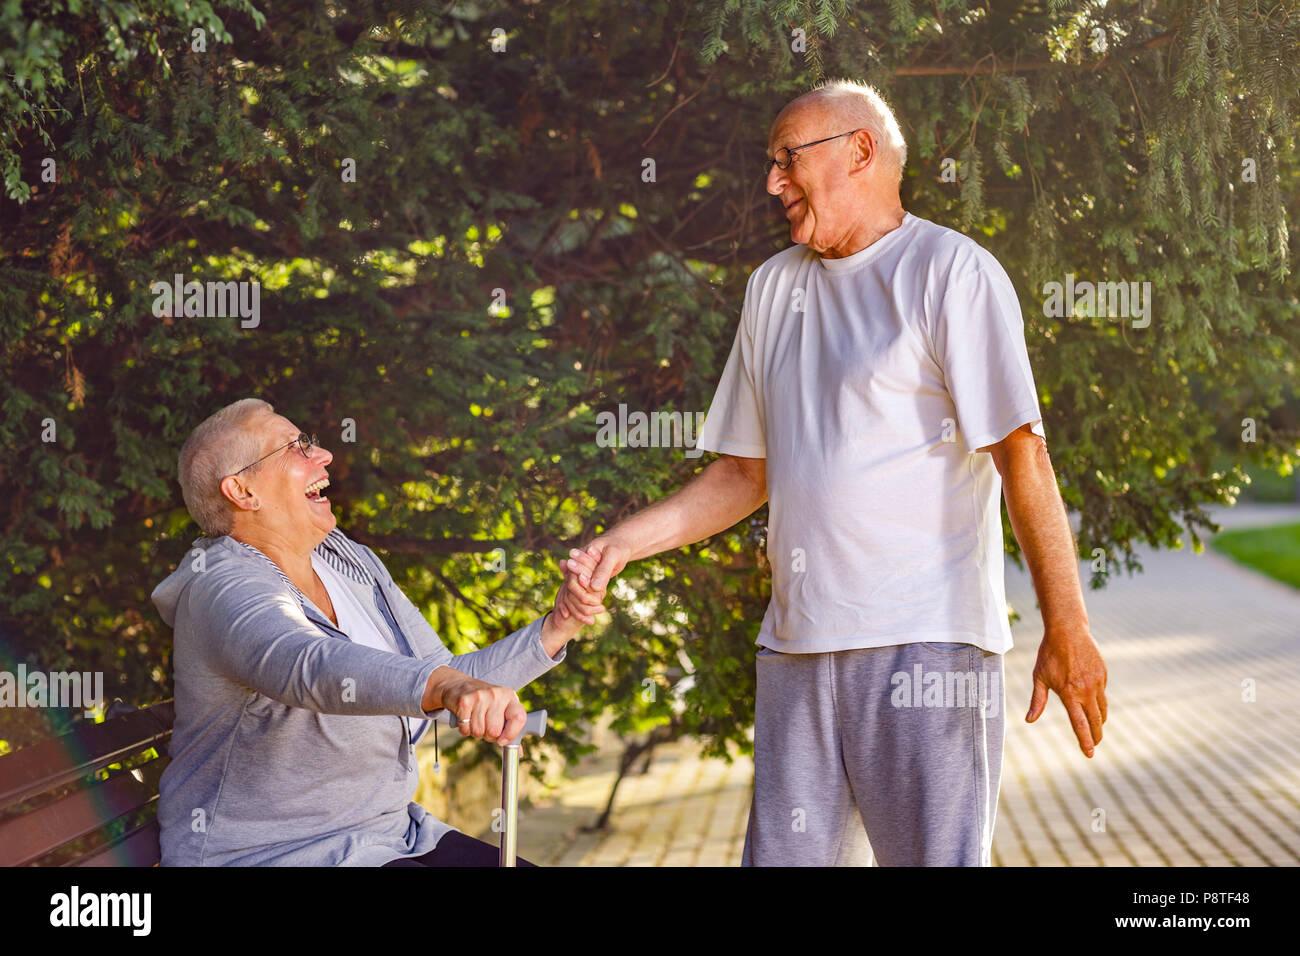 Senioren im Park - Lächelnd alten Mann fürsorgliche Frau im Park Stockbild